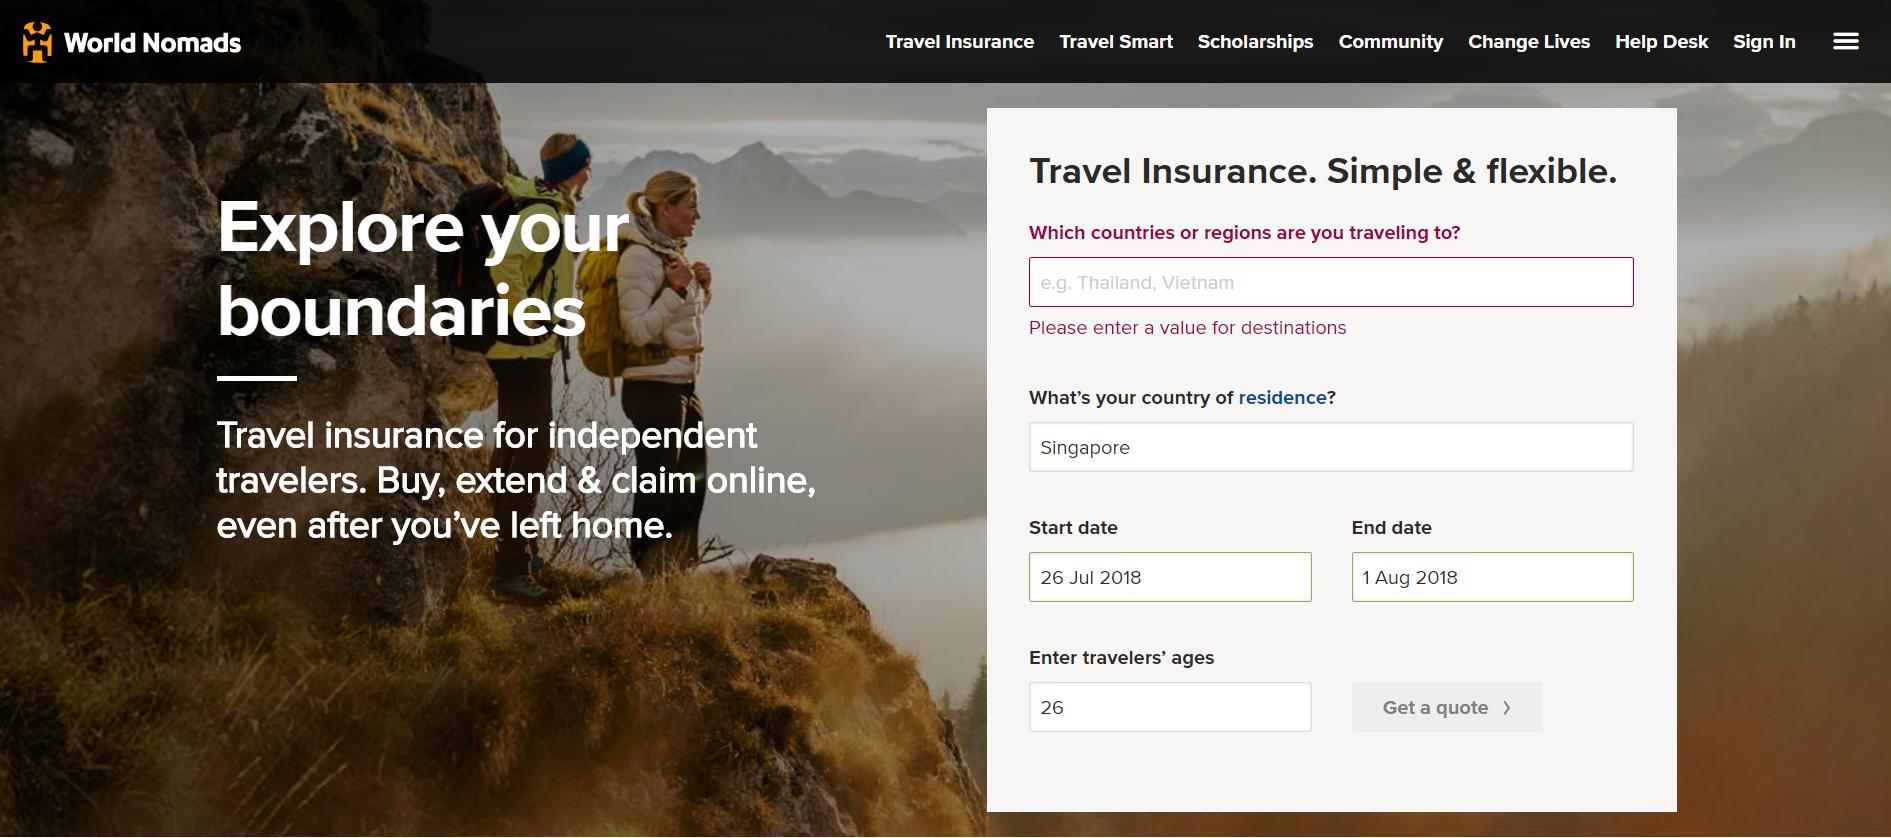 digital nomad traveller singapore fintech app world nomads